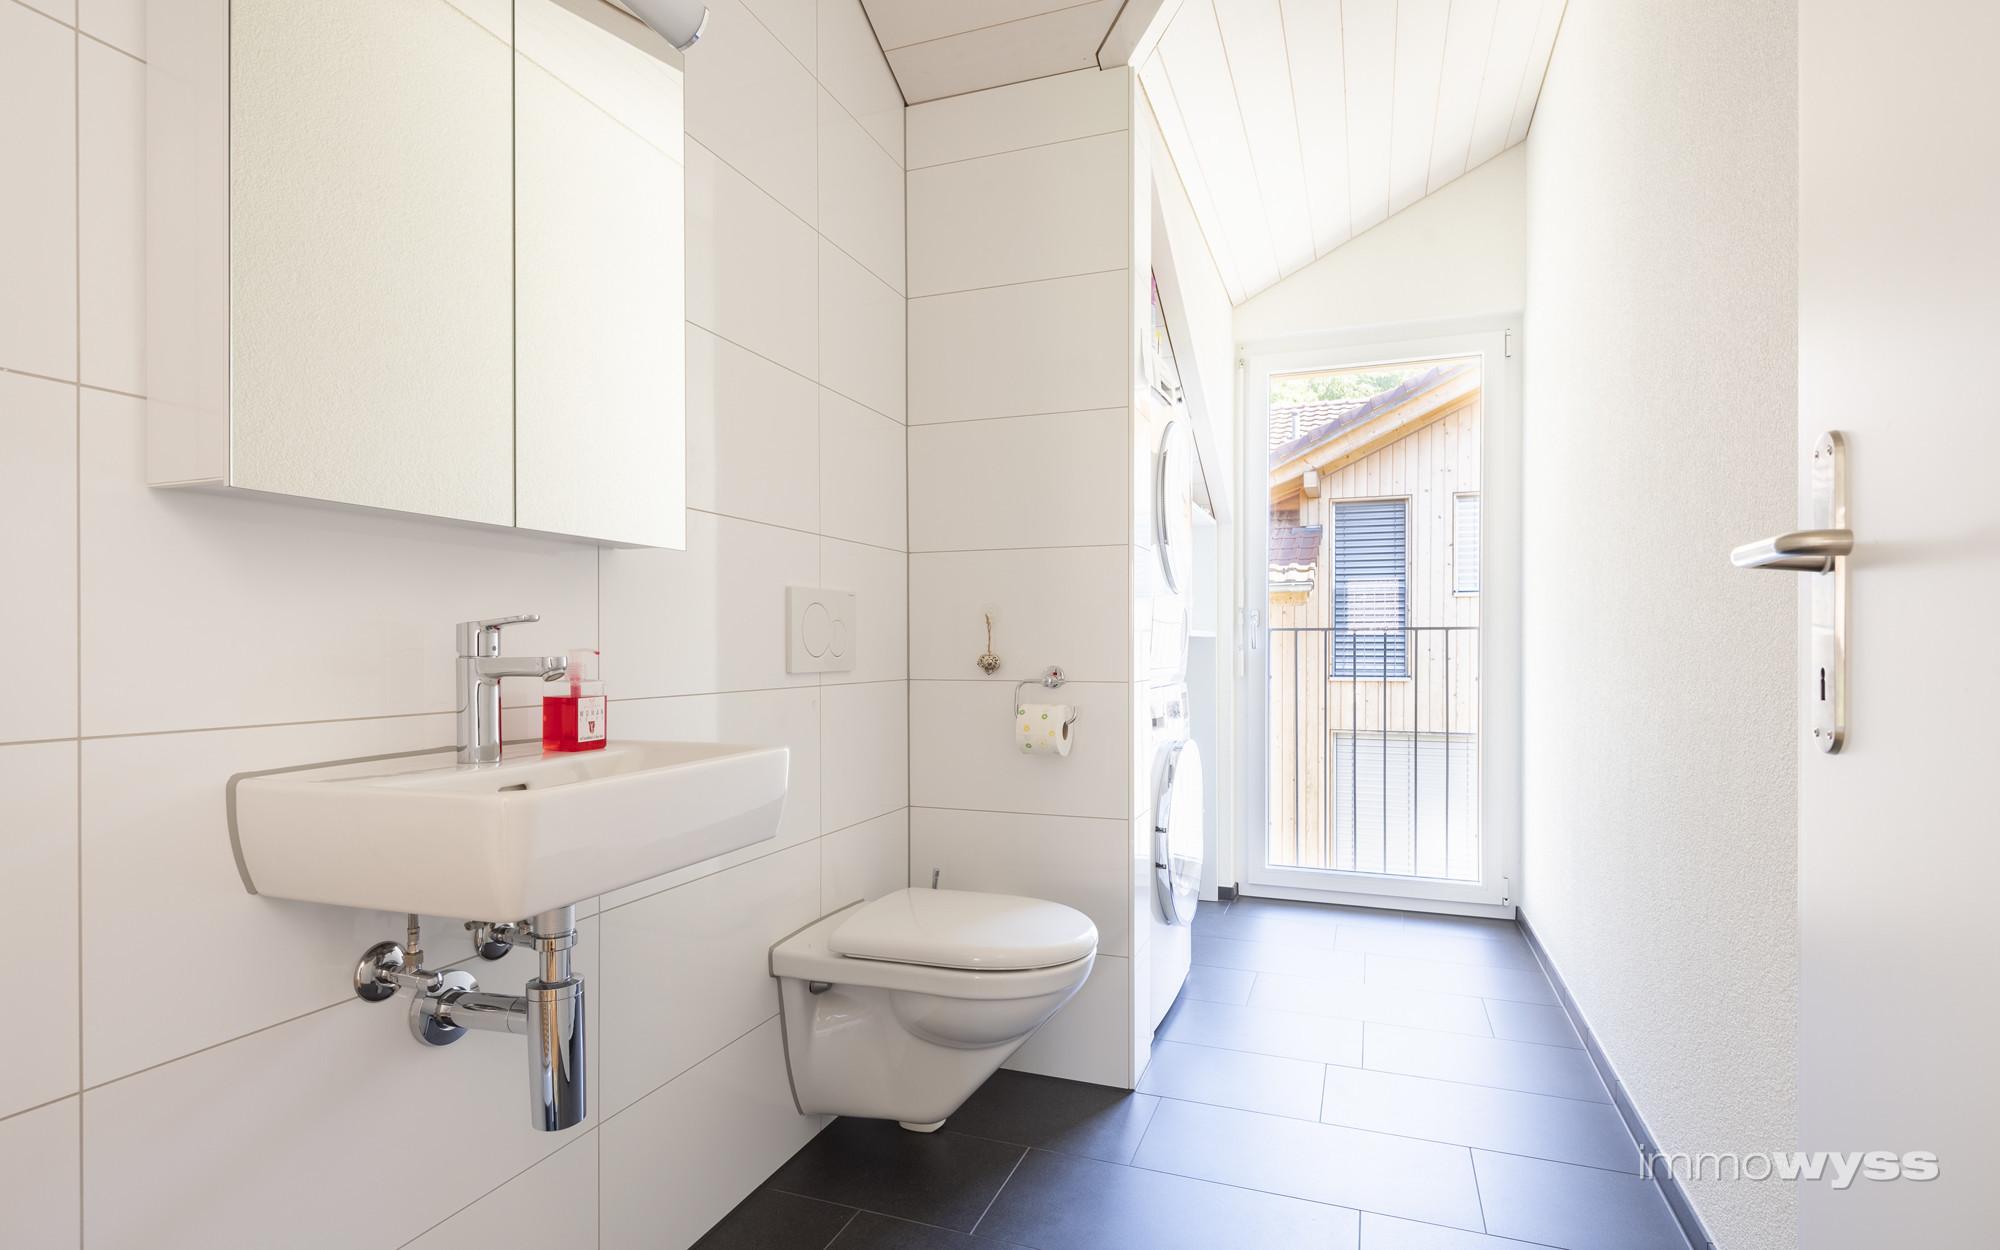 Waschraum mit Gäste-WC